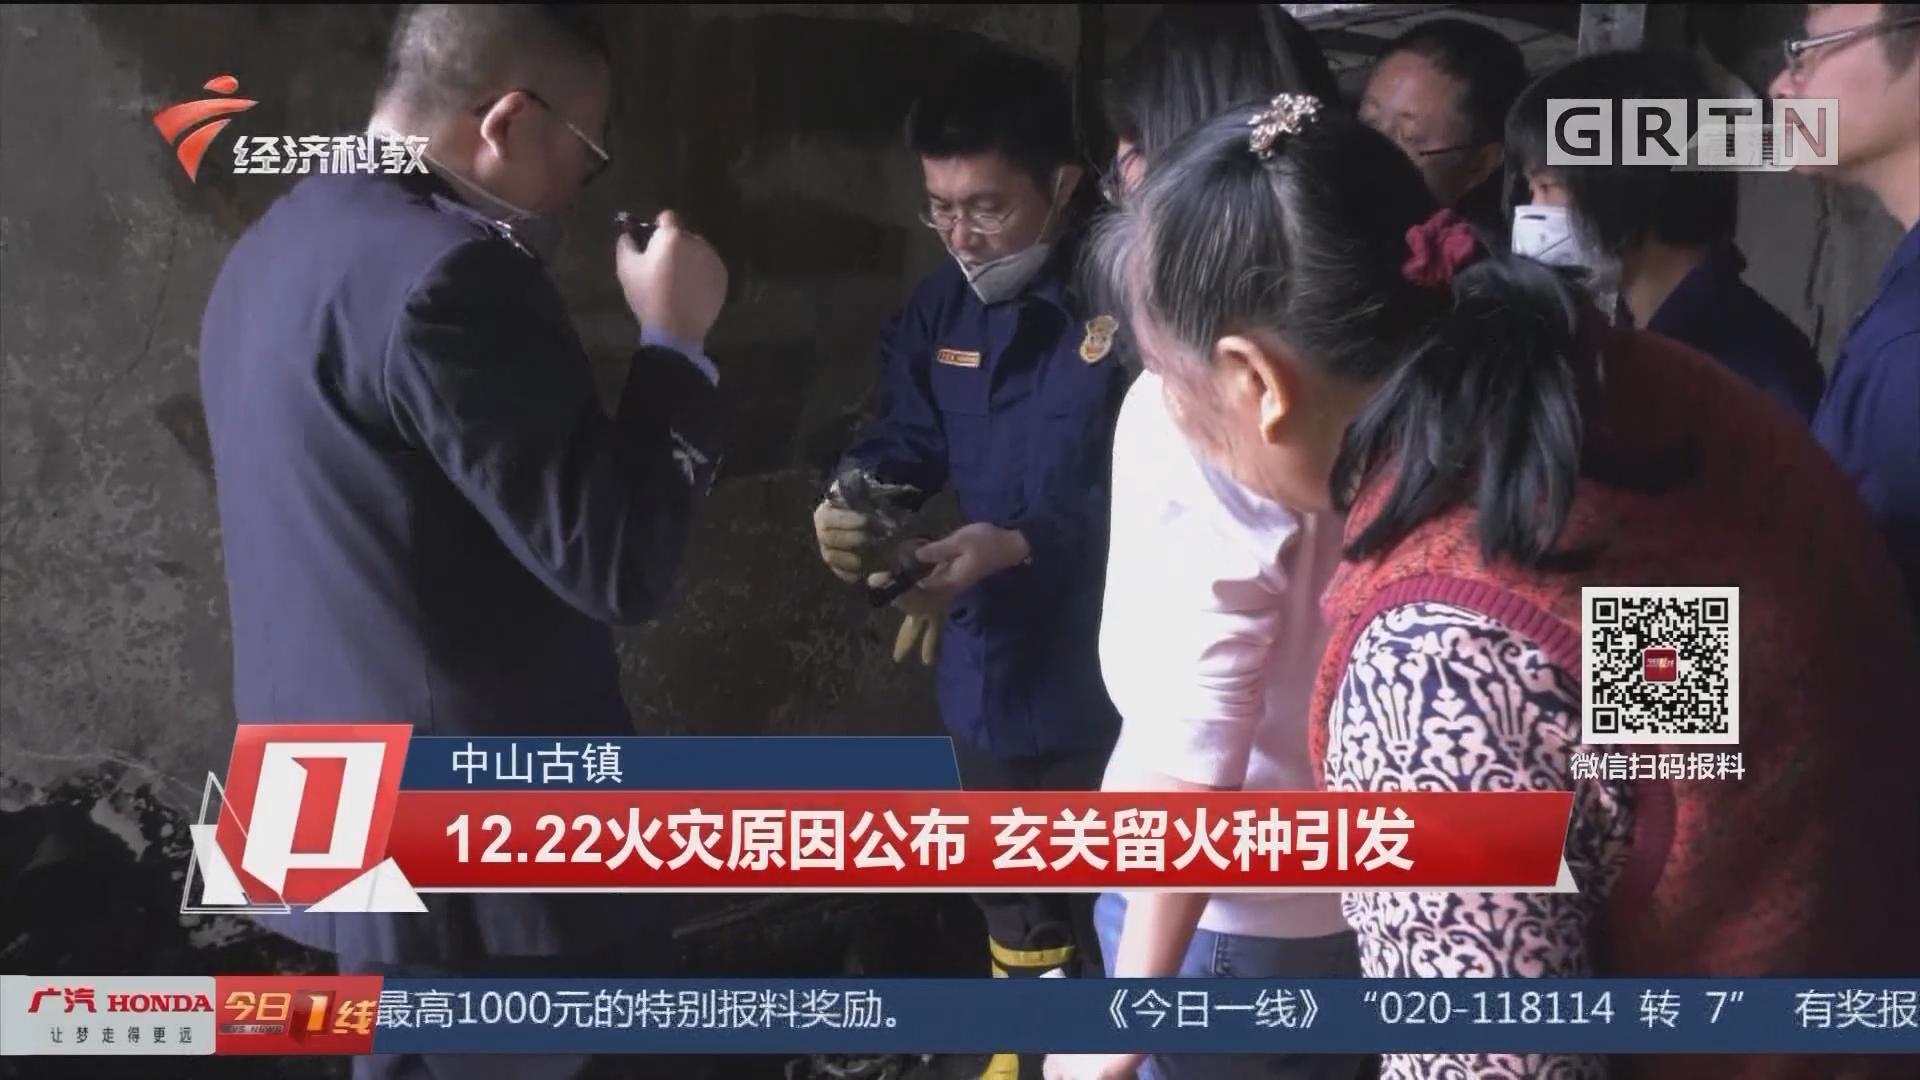 中山古镇:12.22火灾原因公布 玄关留火种引发